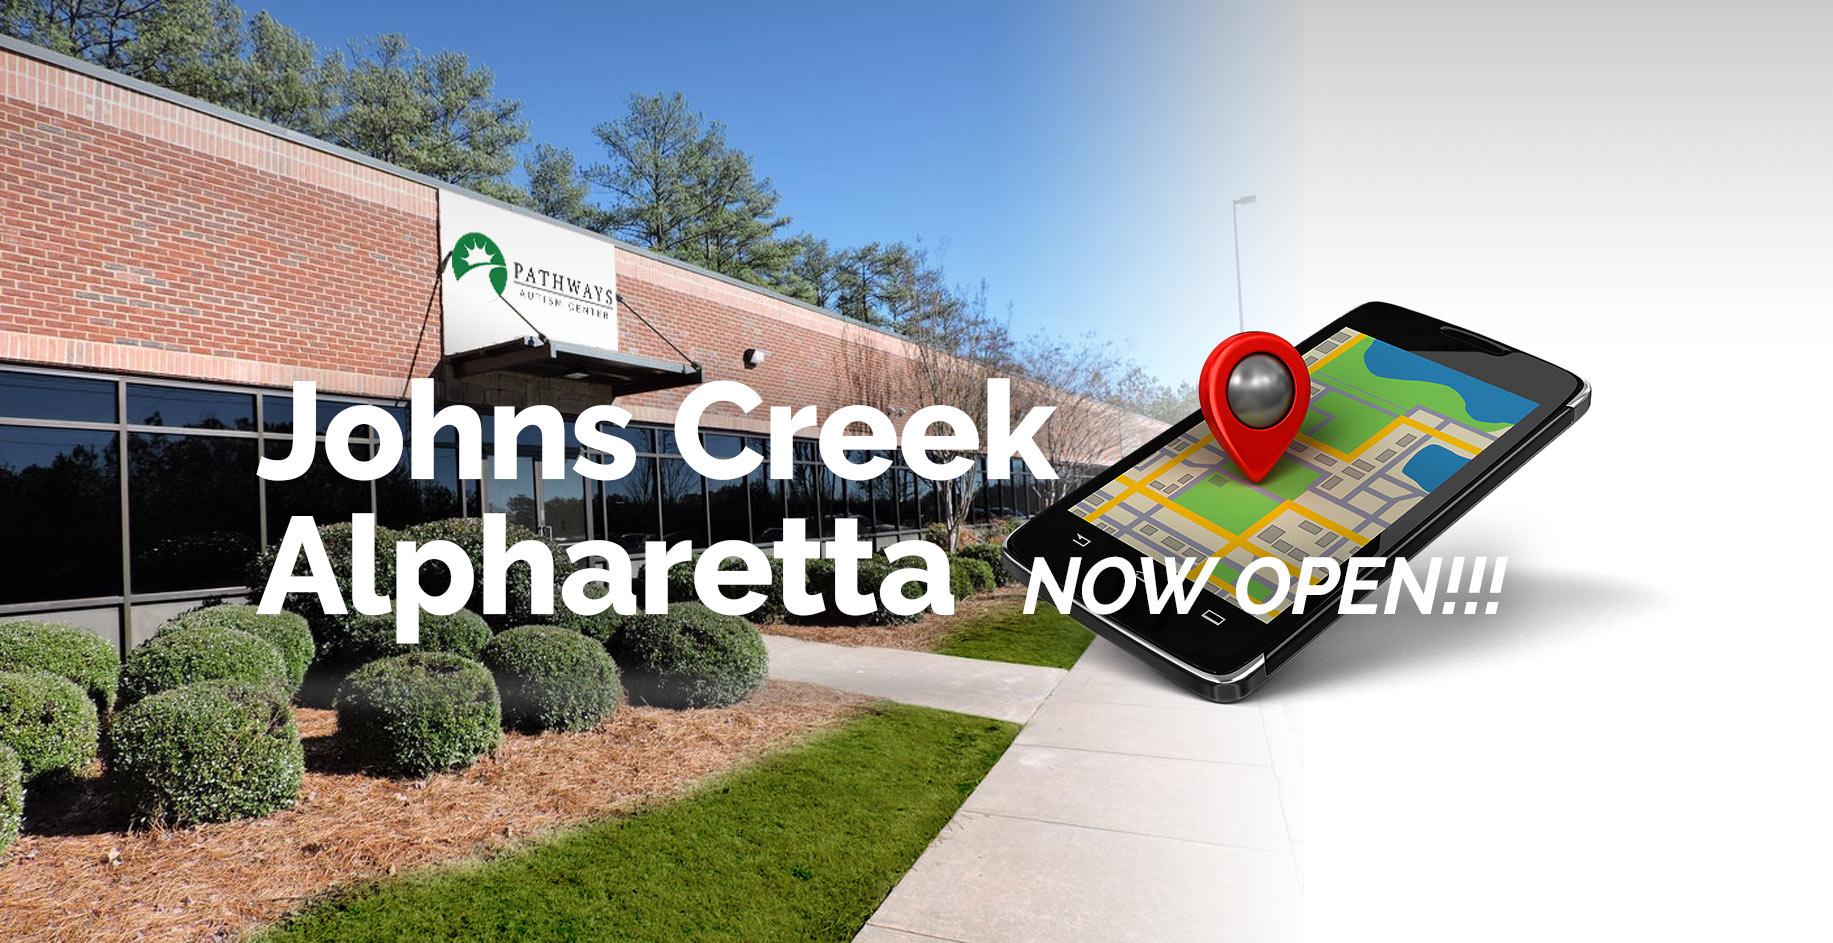 johns-creek-alpharetta-georgia-now-open